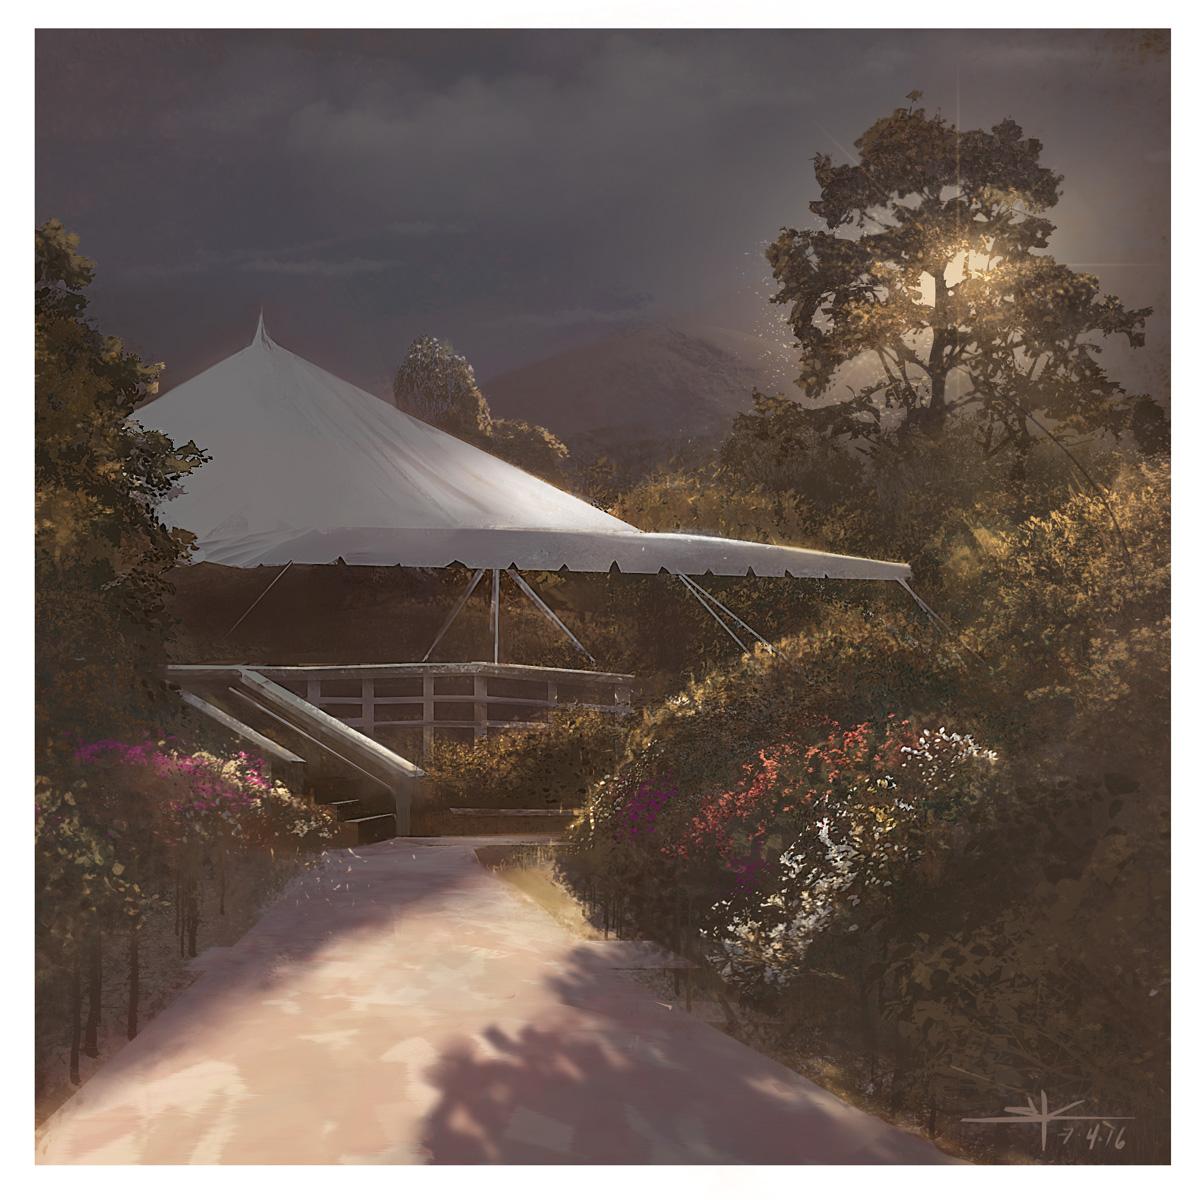 Botanical-Garden-Lighting-Curves-Demo-Backlight-web1200.jpg